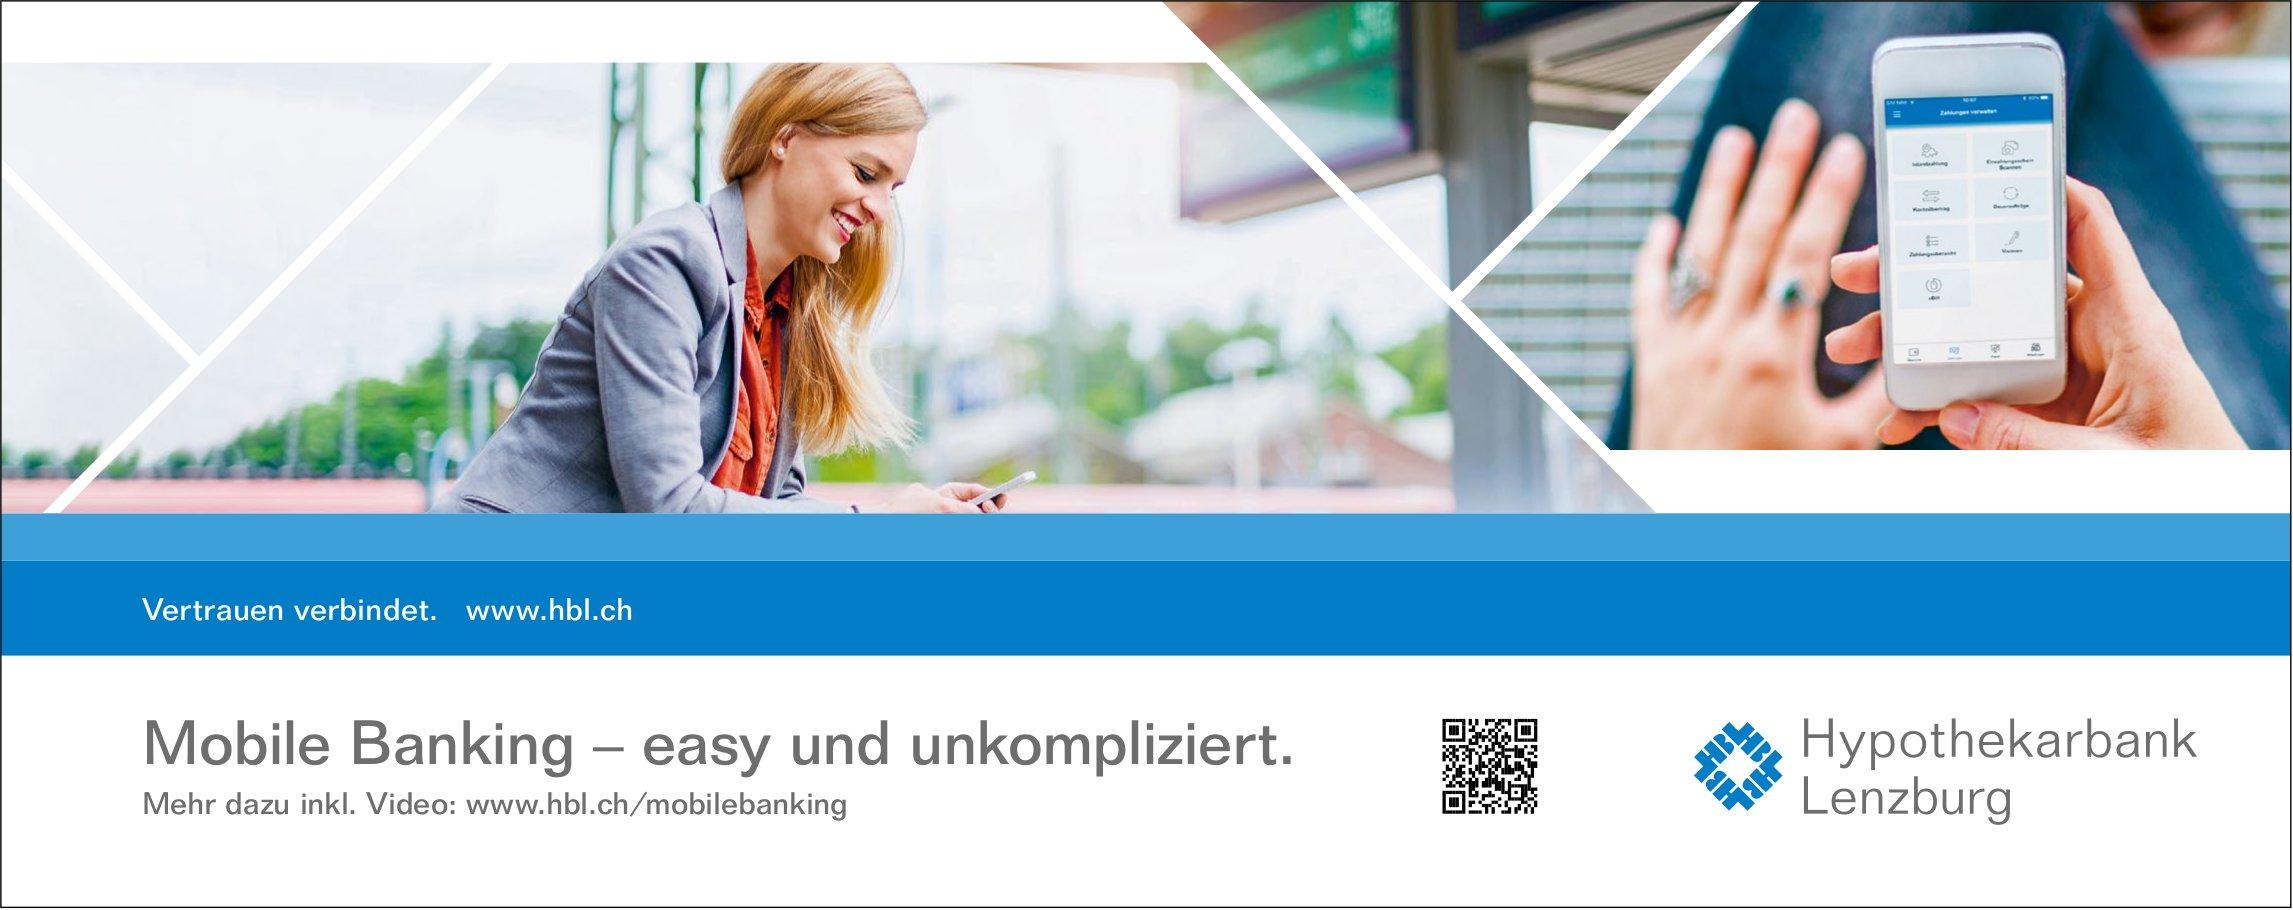 Hypothekarbank Lenzburg, Mobile Banking - easy und unkompliziert.